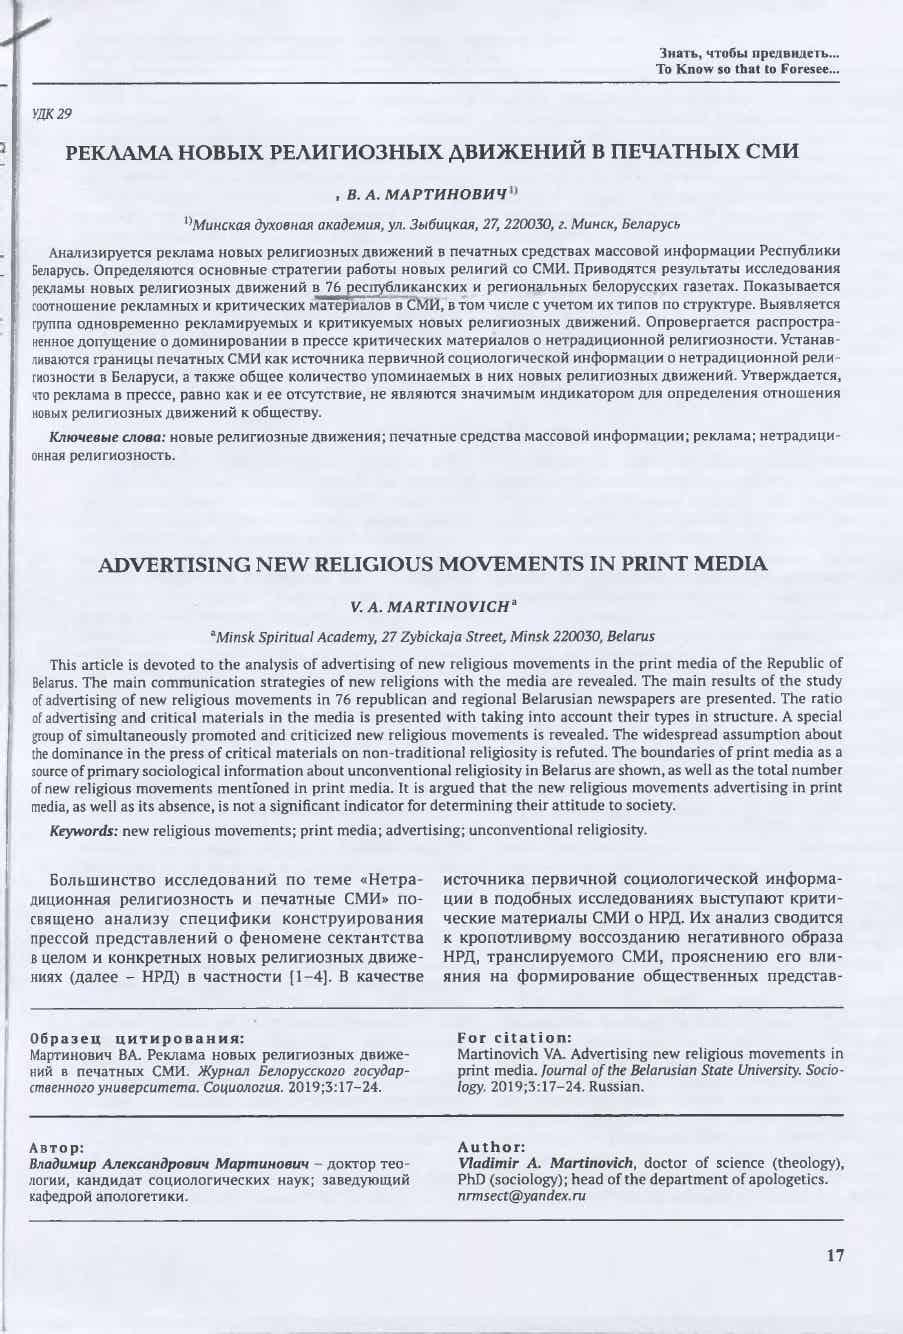 Реклама новых религиозных движений в печатных СМИ